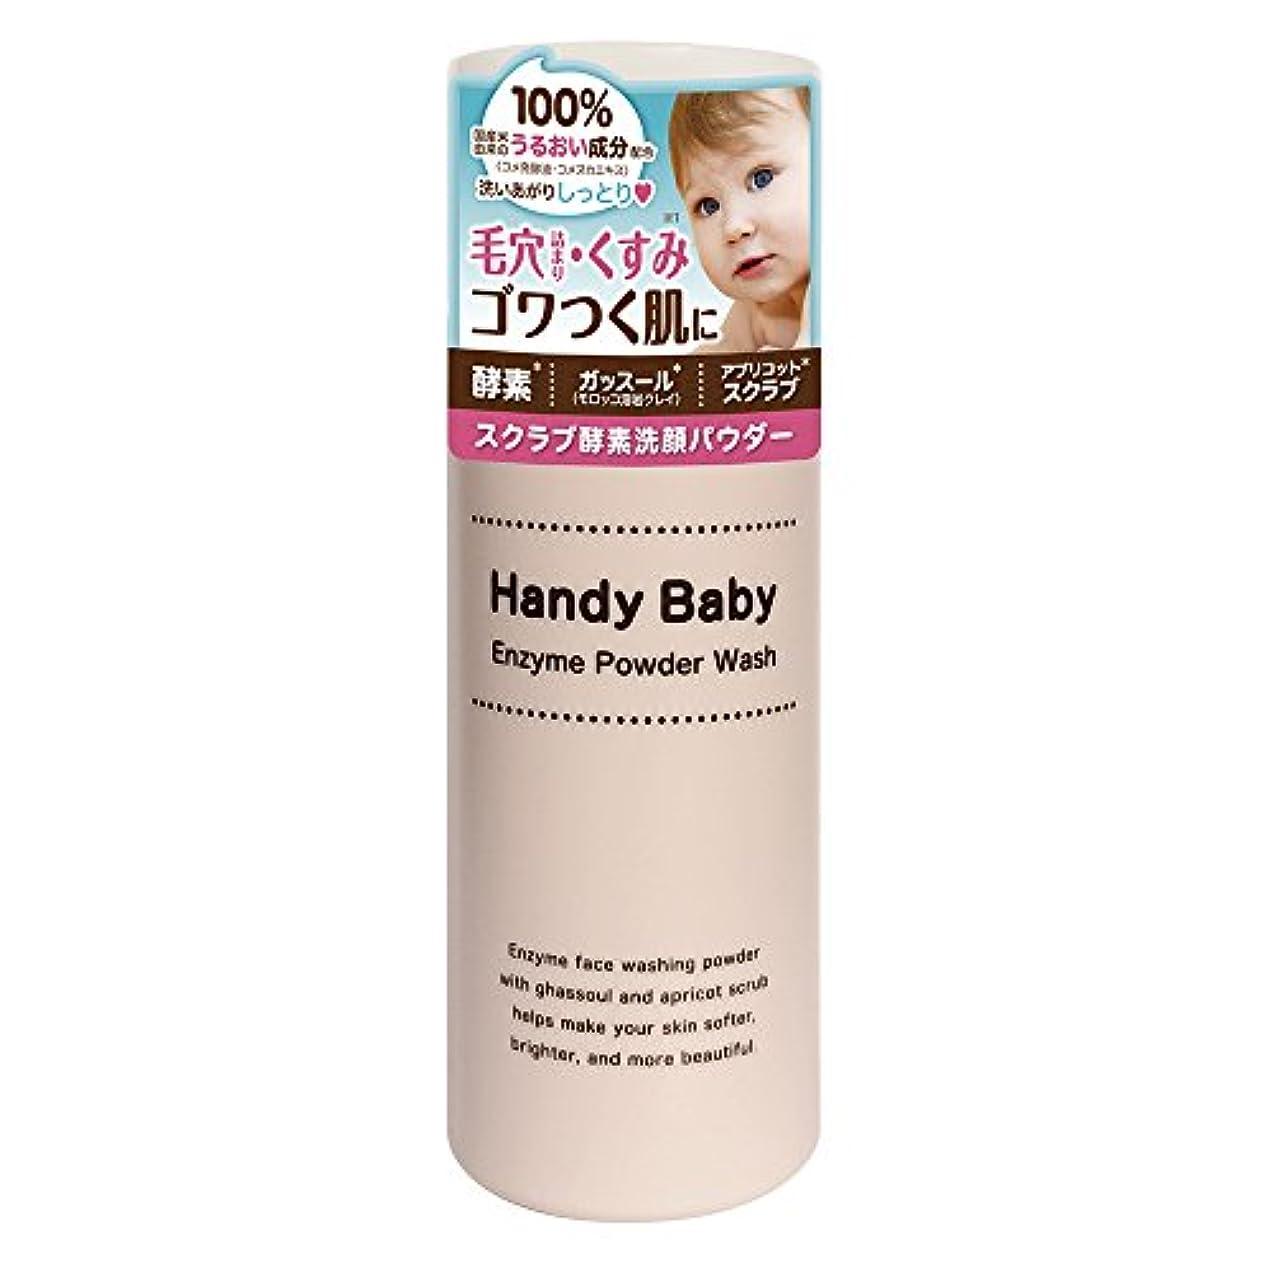 正しくランタン豆ハンディベイビー スクラブ酵素洗顔パウダー (50g)